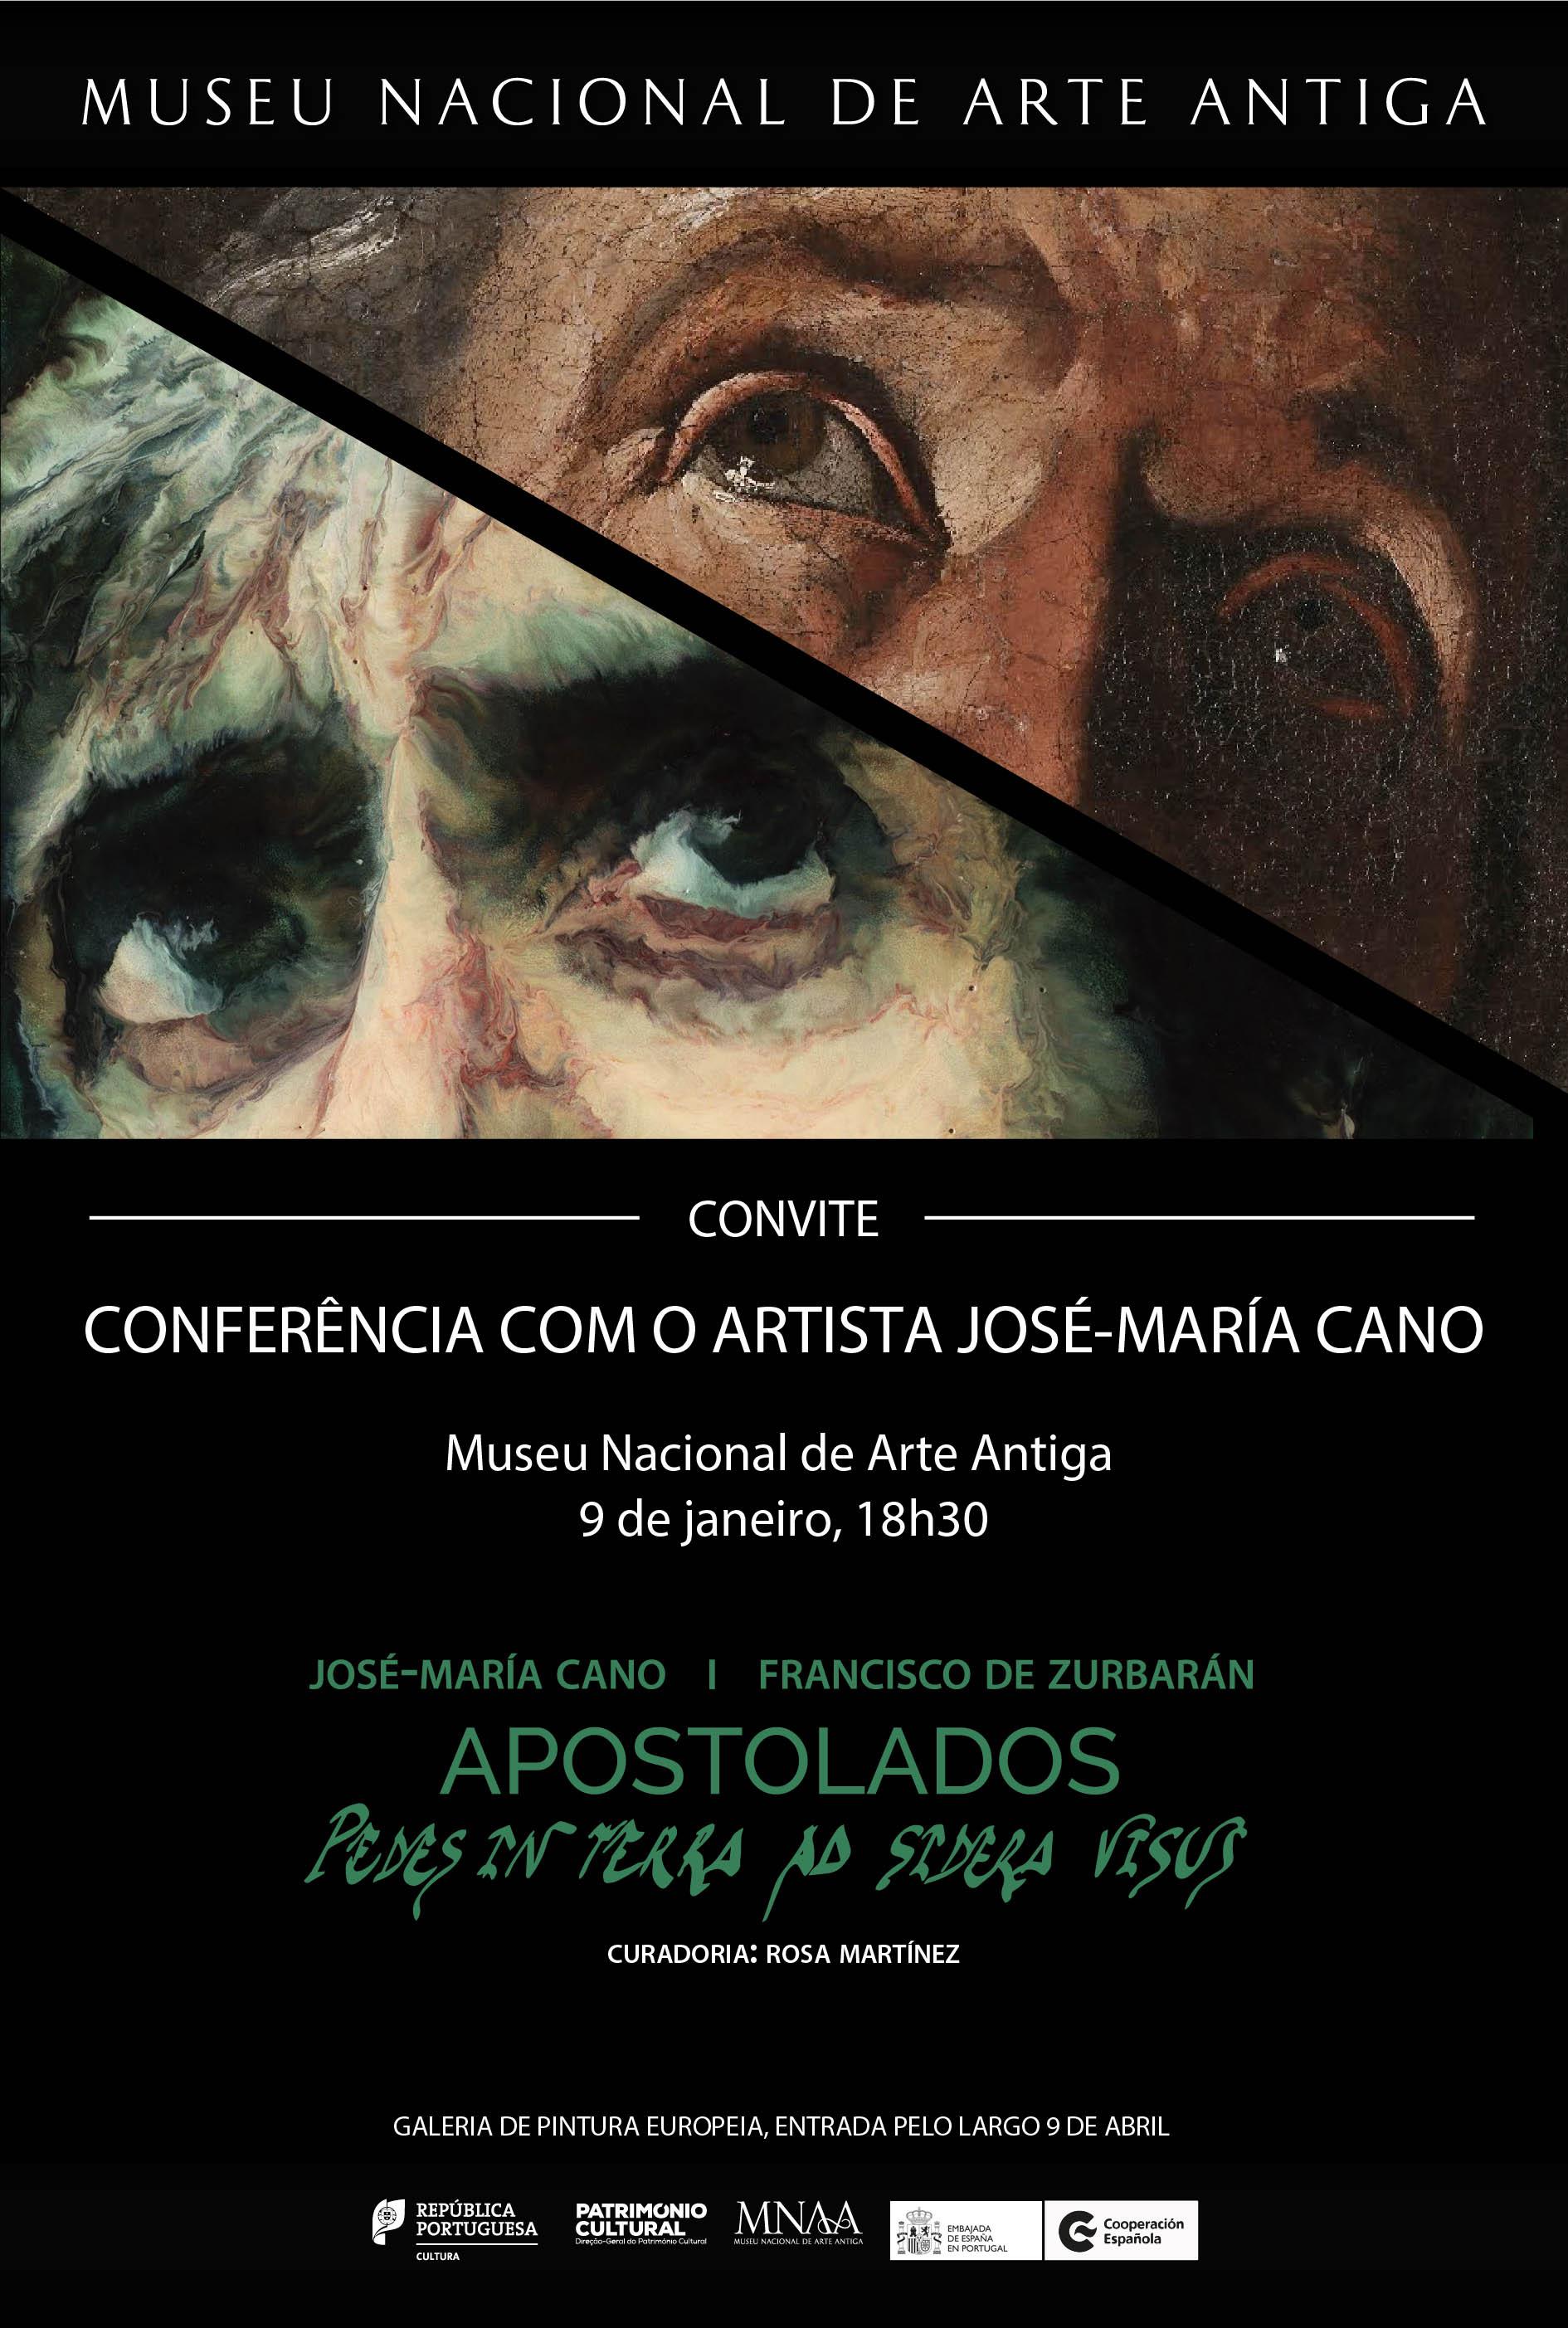 2020 convite conferencia Jose Maria Cano